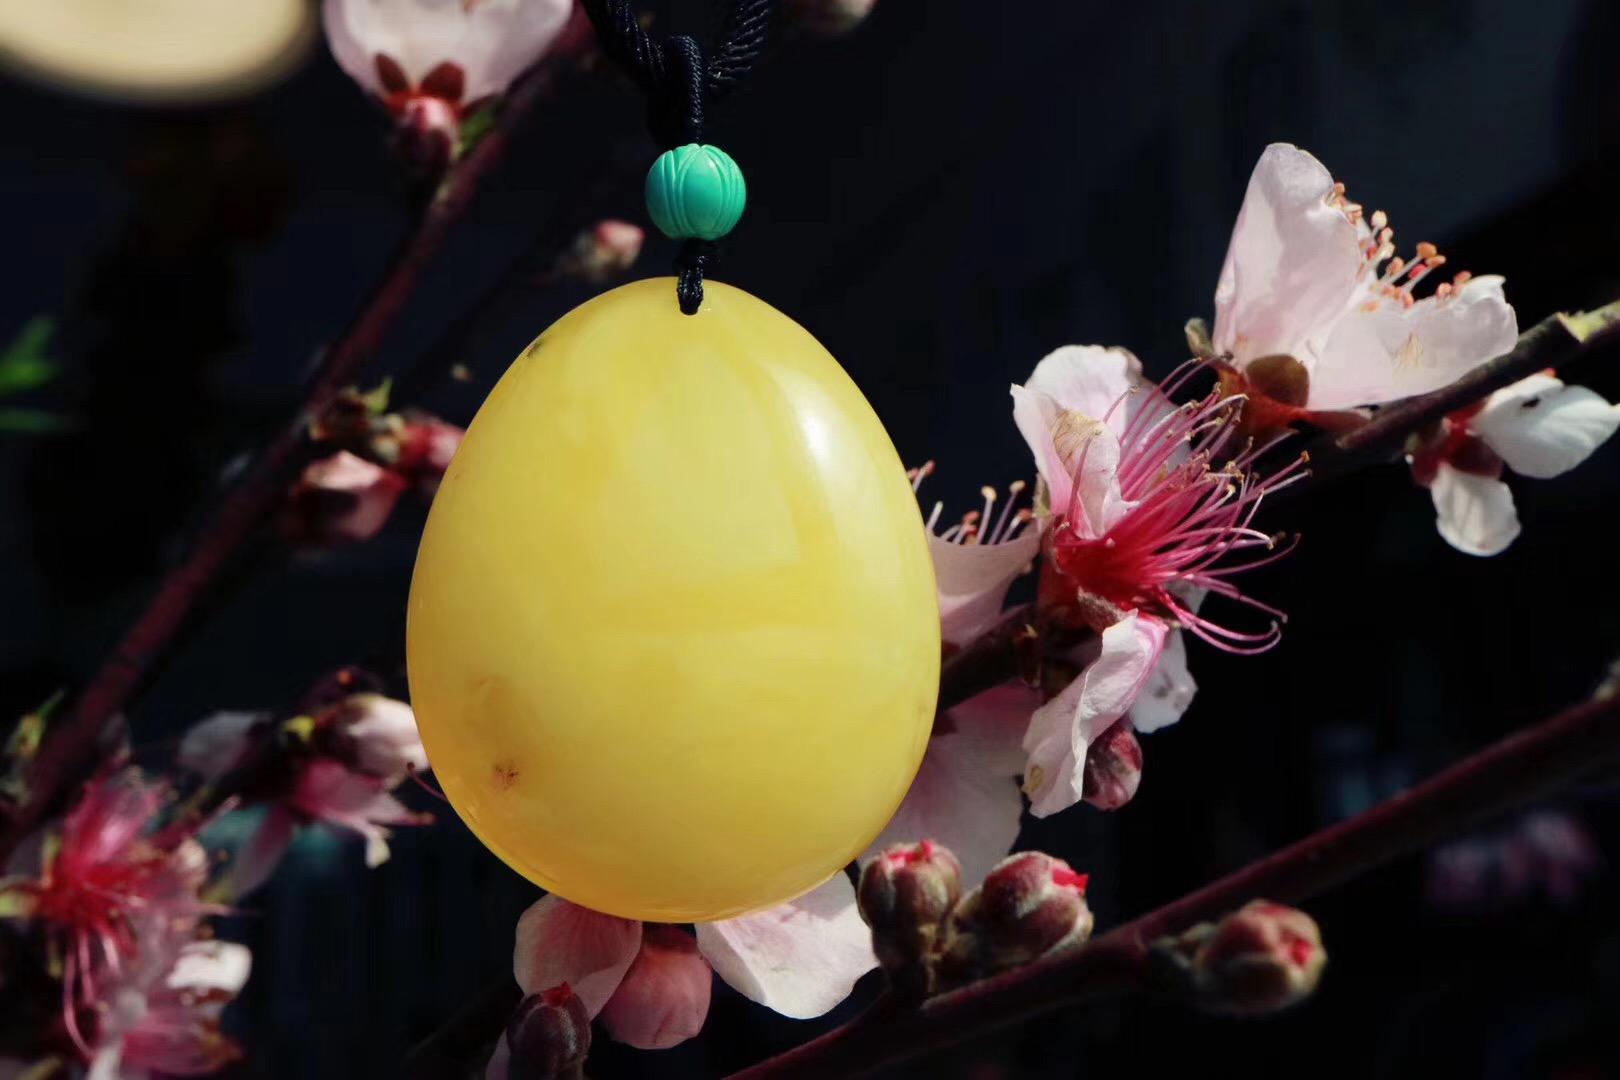 【蜜蜡】水滴蜜蜡,配一颗绿松石莲花珠-菩心晶舍